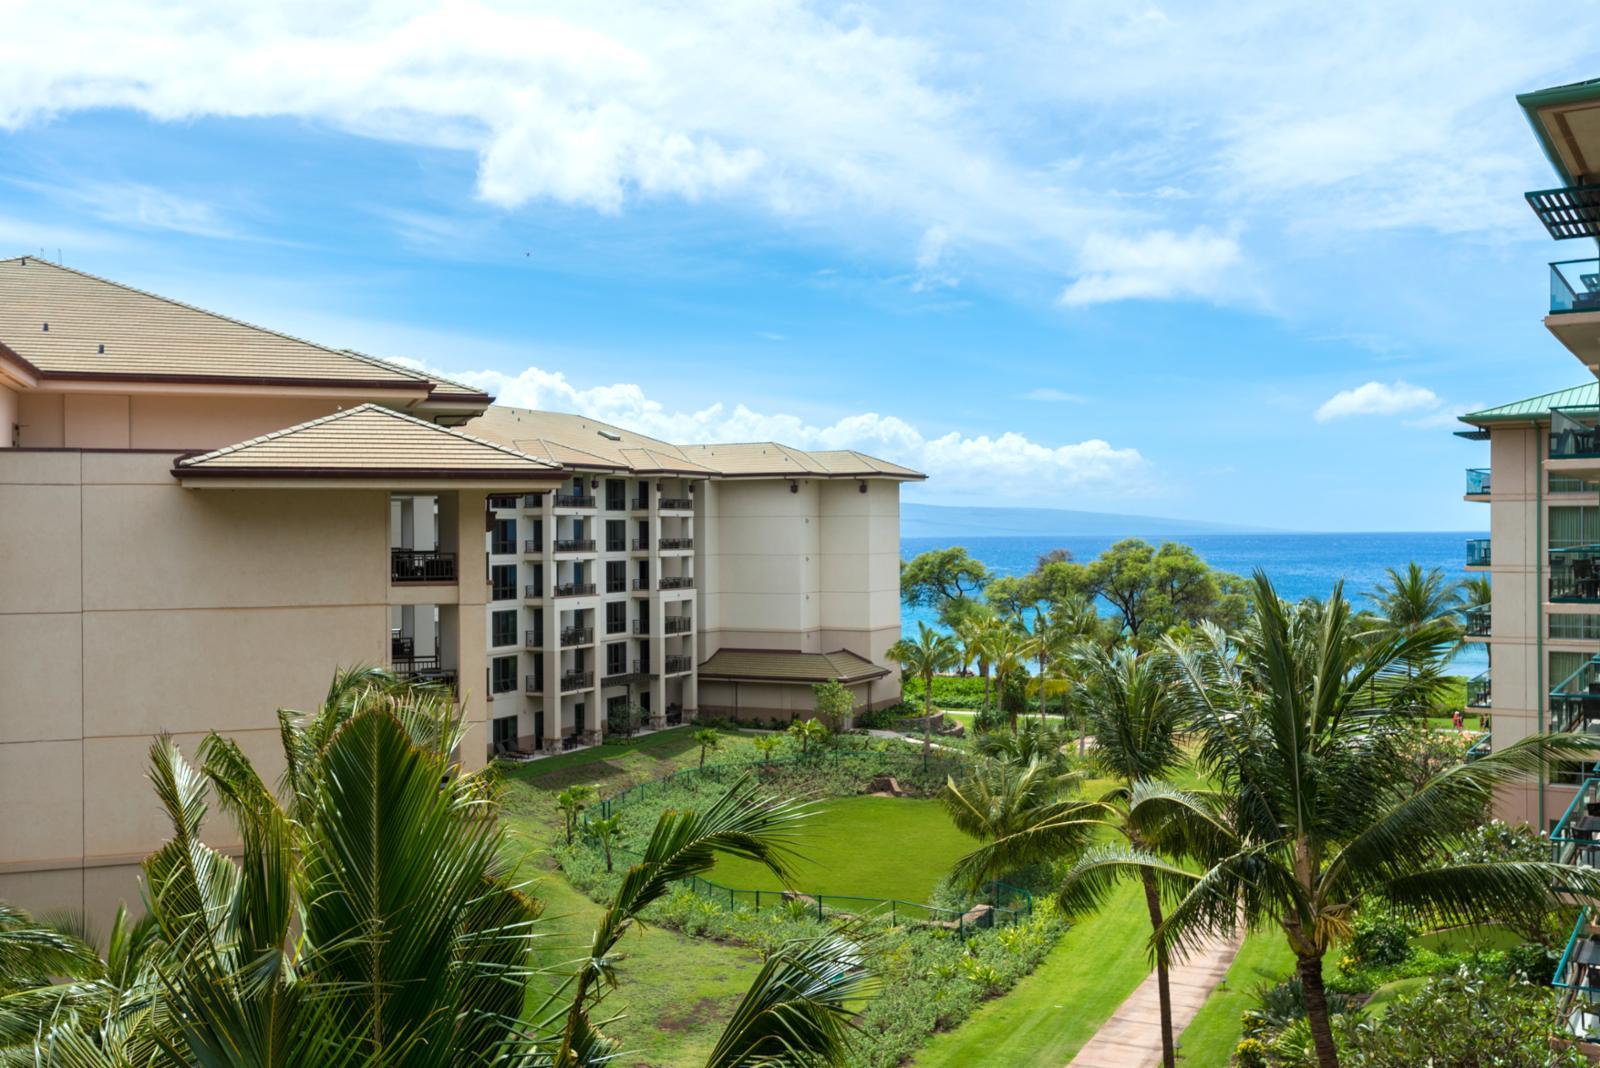 Luscious garden and ocean views for your backdrop